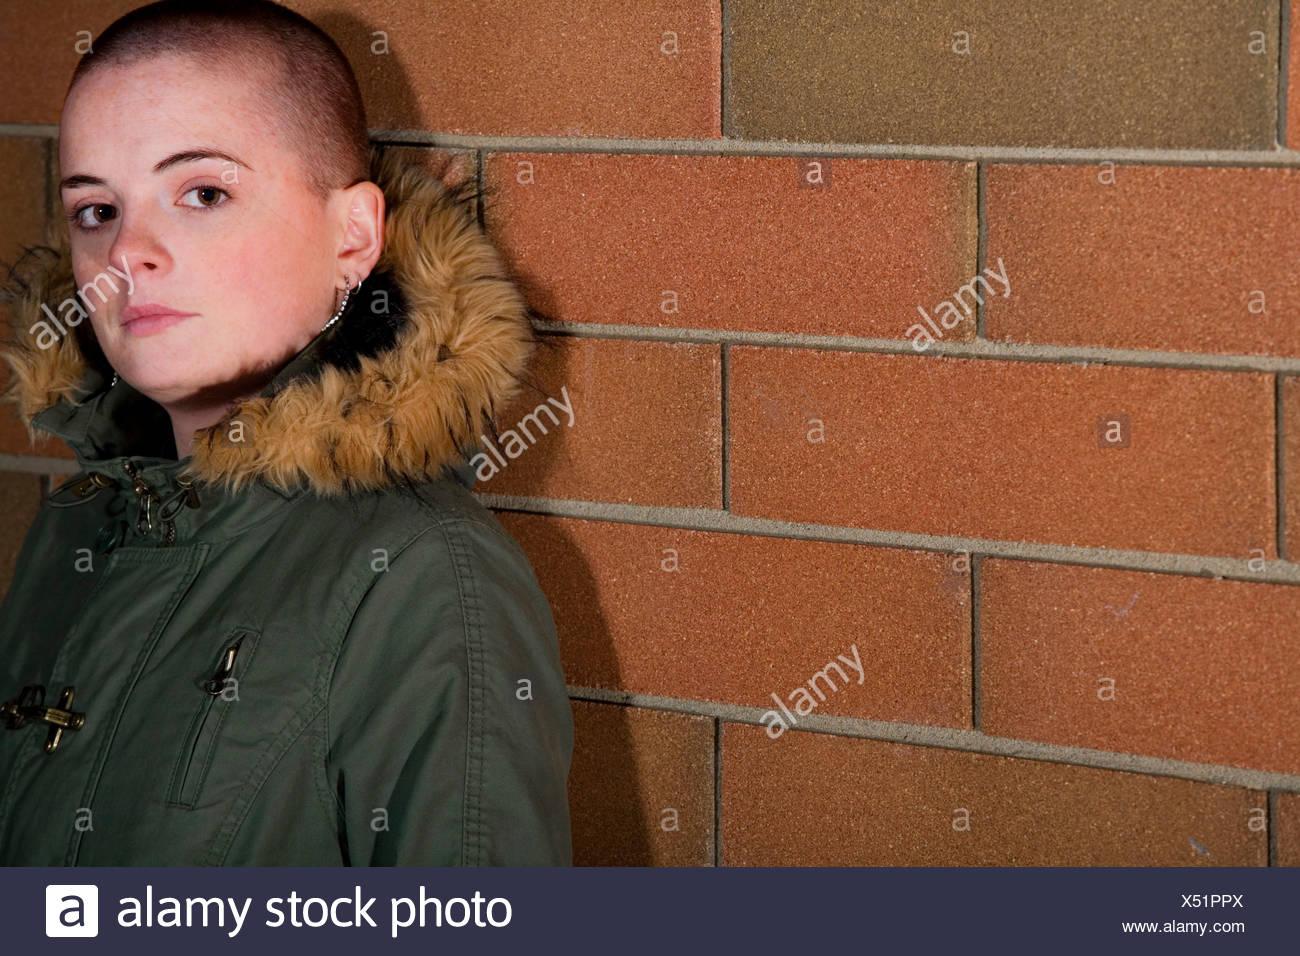 Shaved teen girl